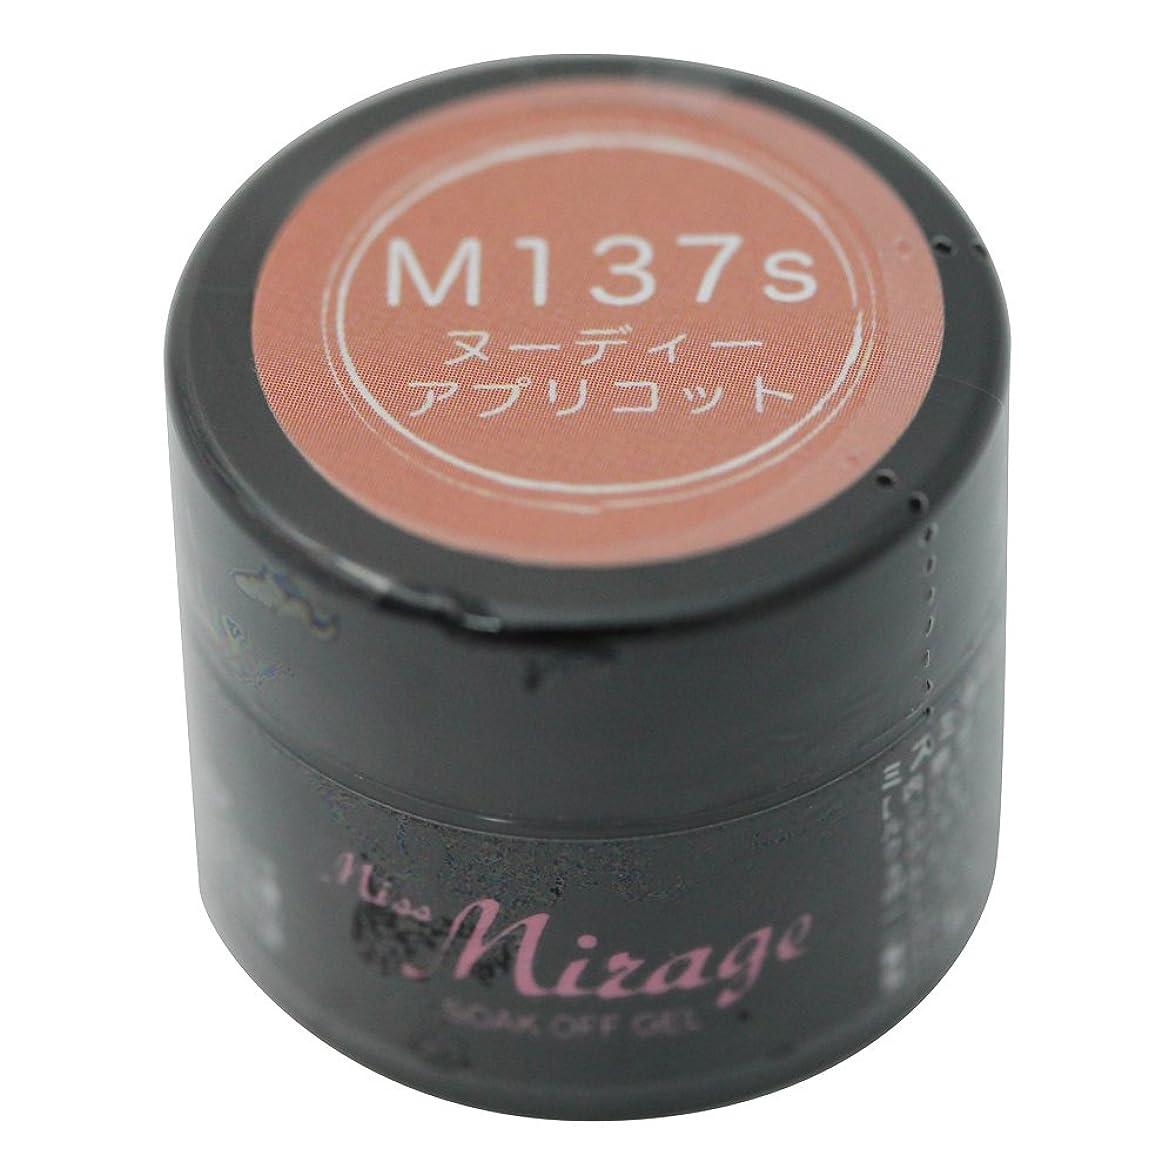 タイピスト正当化する渇きMiss Mirage M137S ヌーディーアプリコット 2.5g UV/LED対応タイオウ